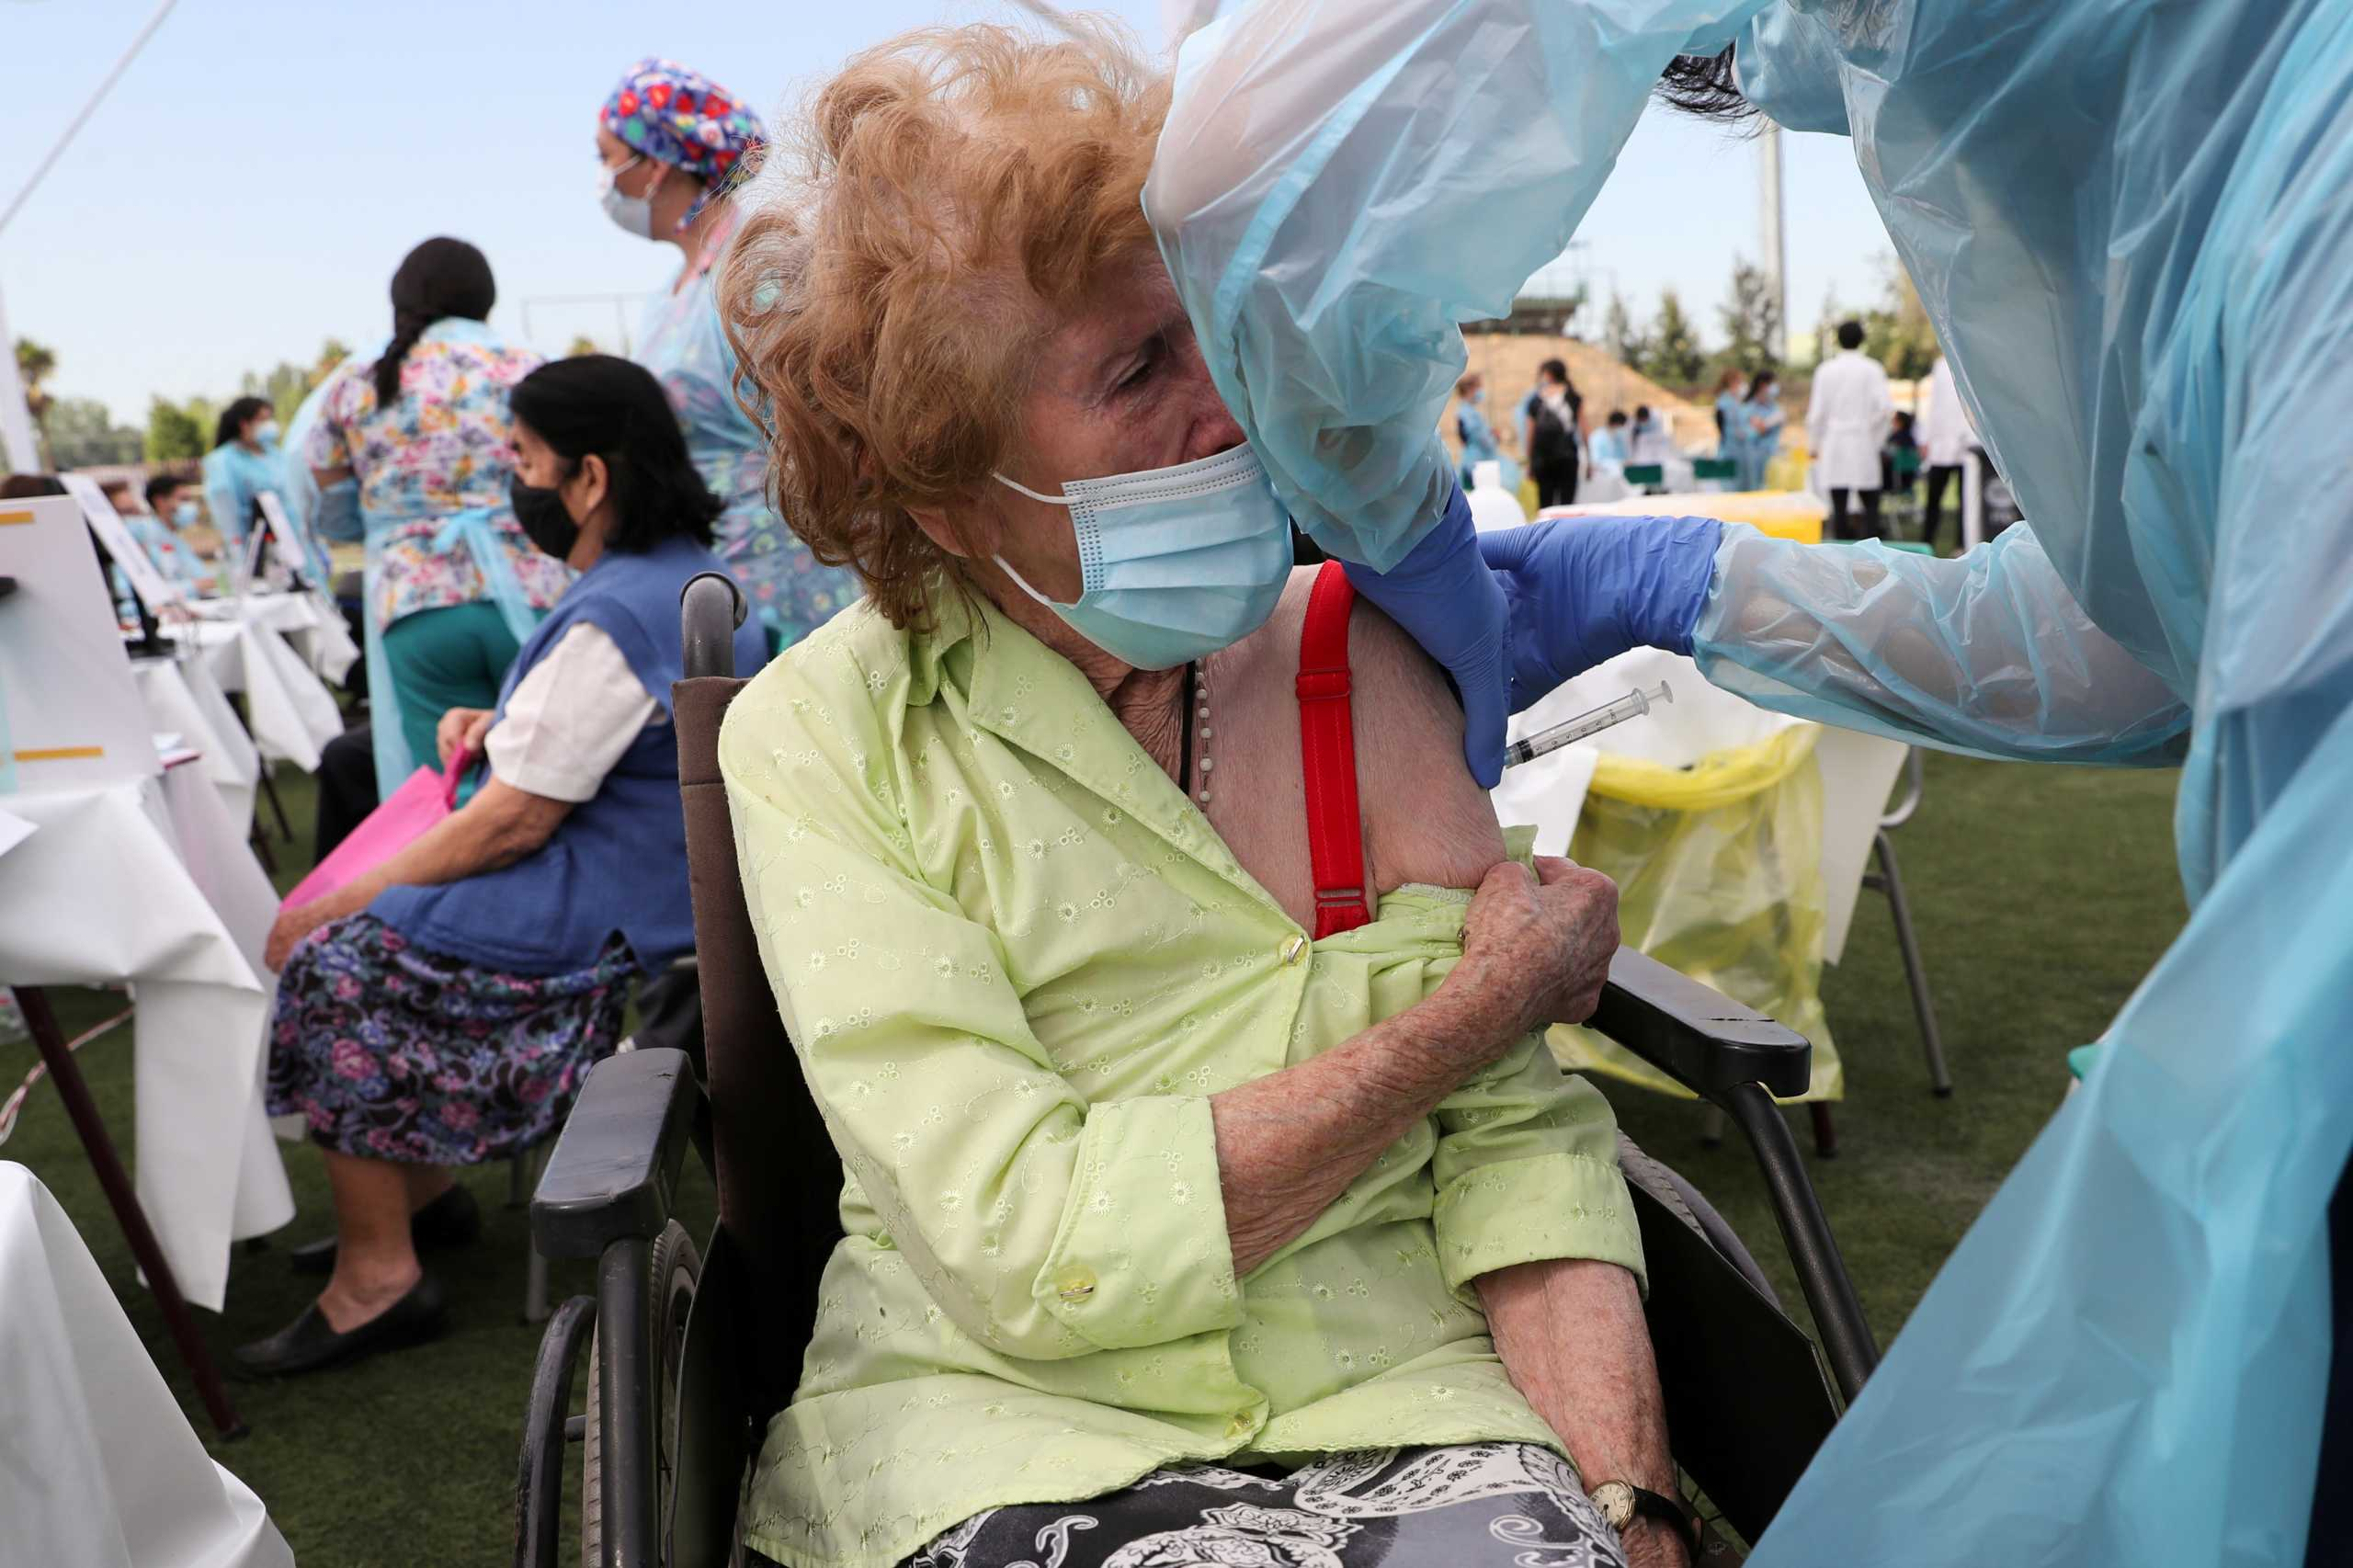 Χιλή: Πάνω από 1 εκατ. εμβολιασμοί κατά του κορονοϊού – Στους 19.084 οι νεκροί